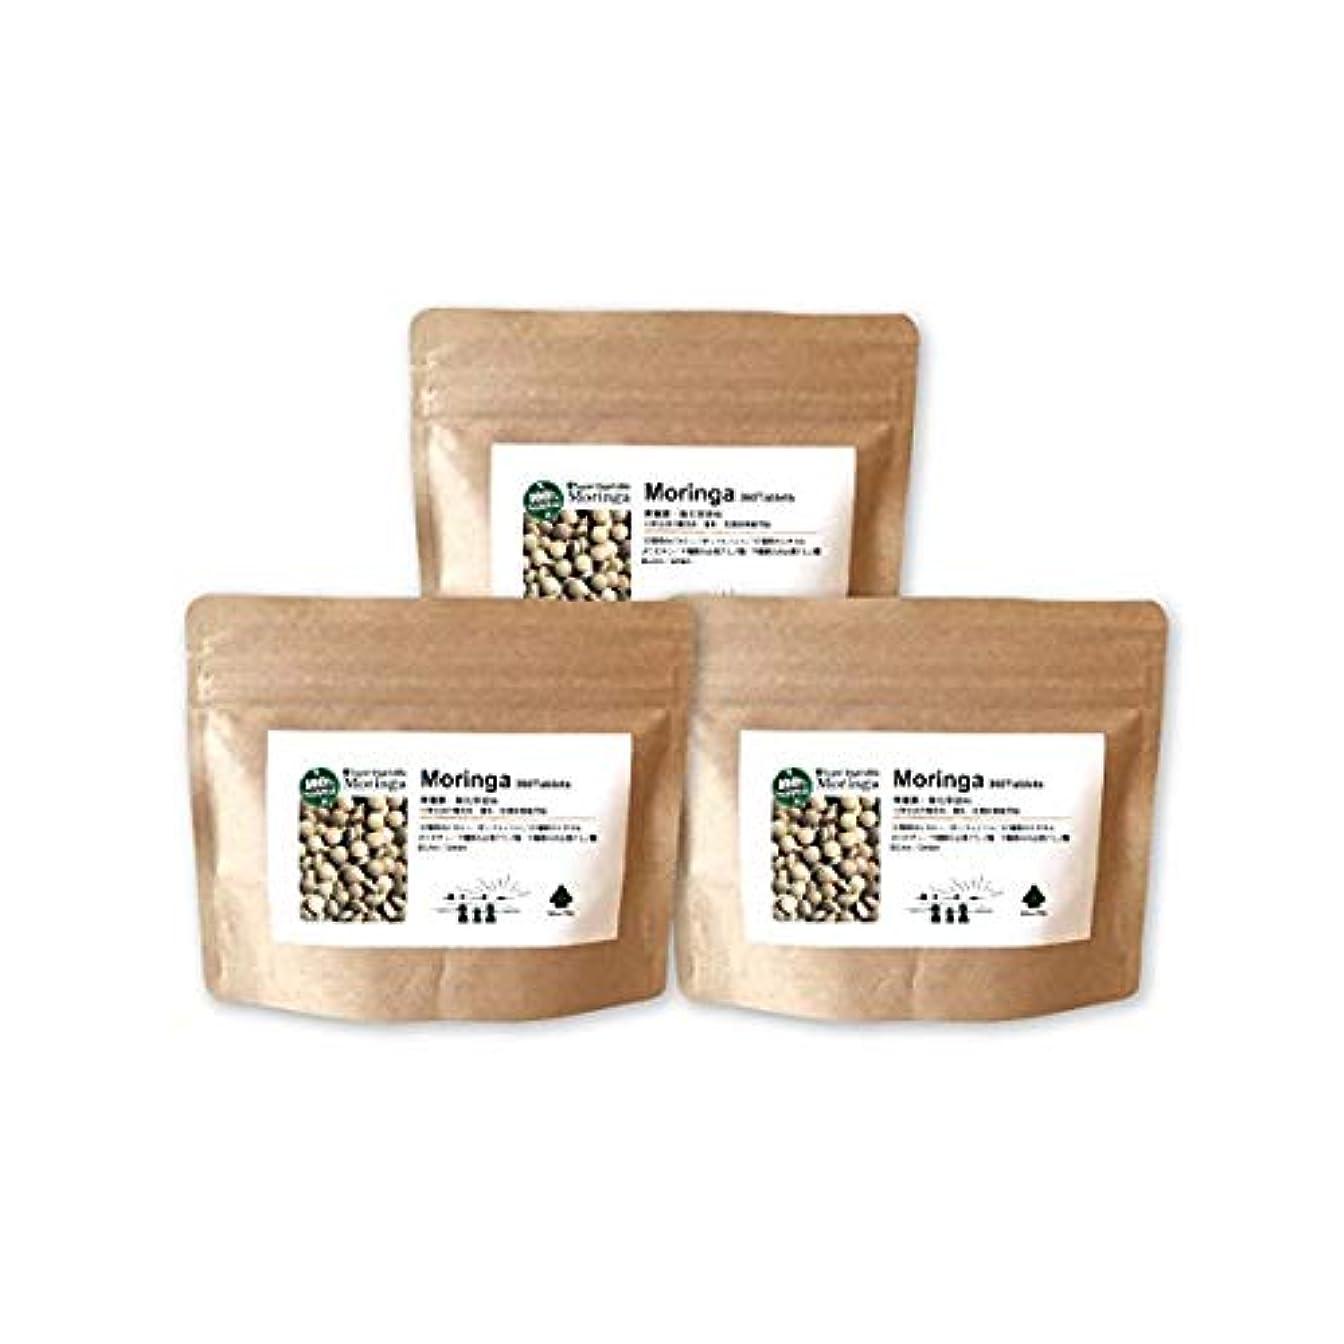 ウェーハ突き出す雄弁なモリンガ粒(3個セット) 沖縄産の無農薬?無化学肥料栽培モリンガ葉使用